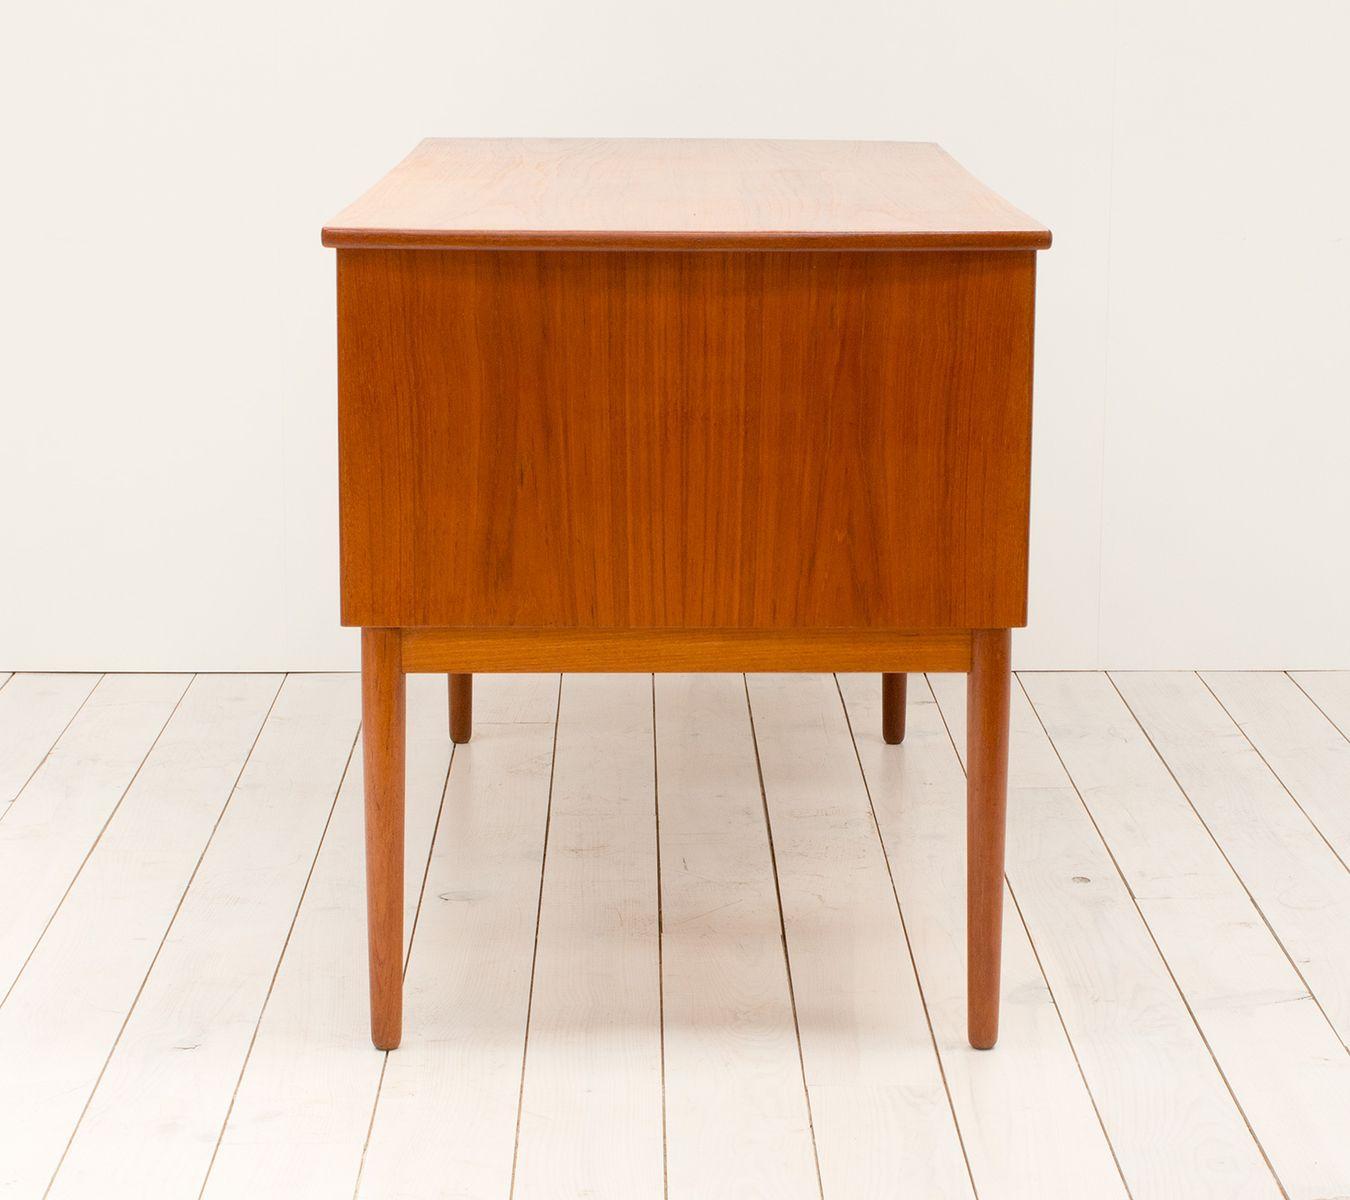 d nischer teak schreibtisch bei pamono kaufen. Black Bedroom Furniture Sets. Home Design Ideas